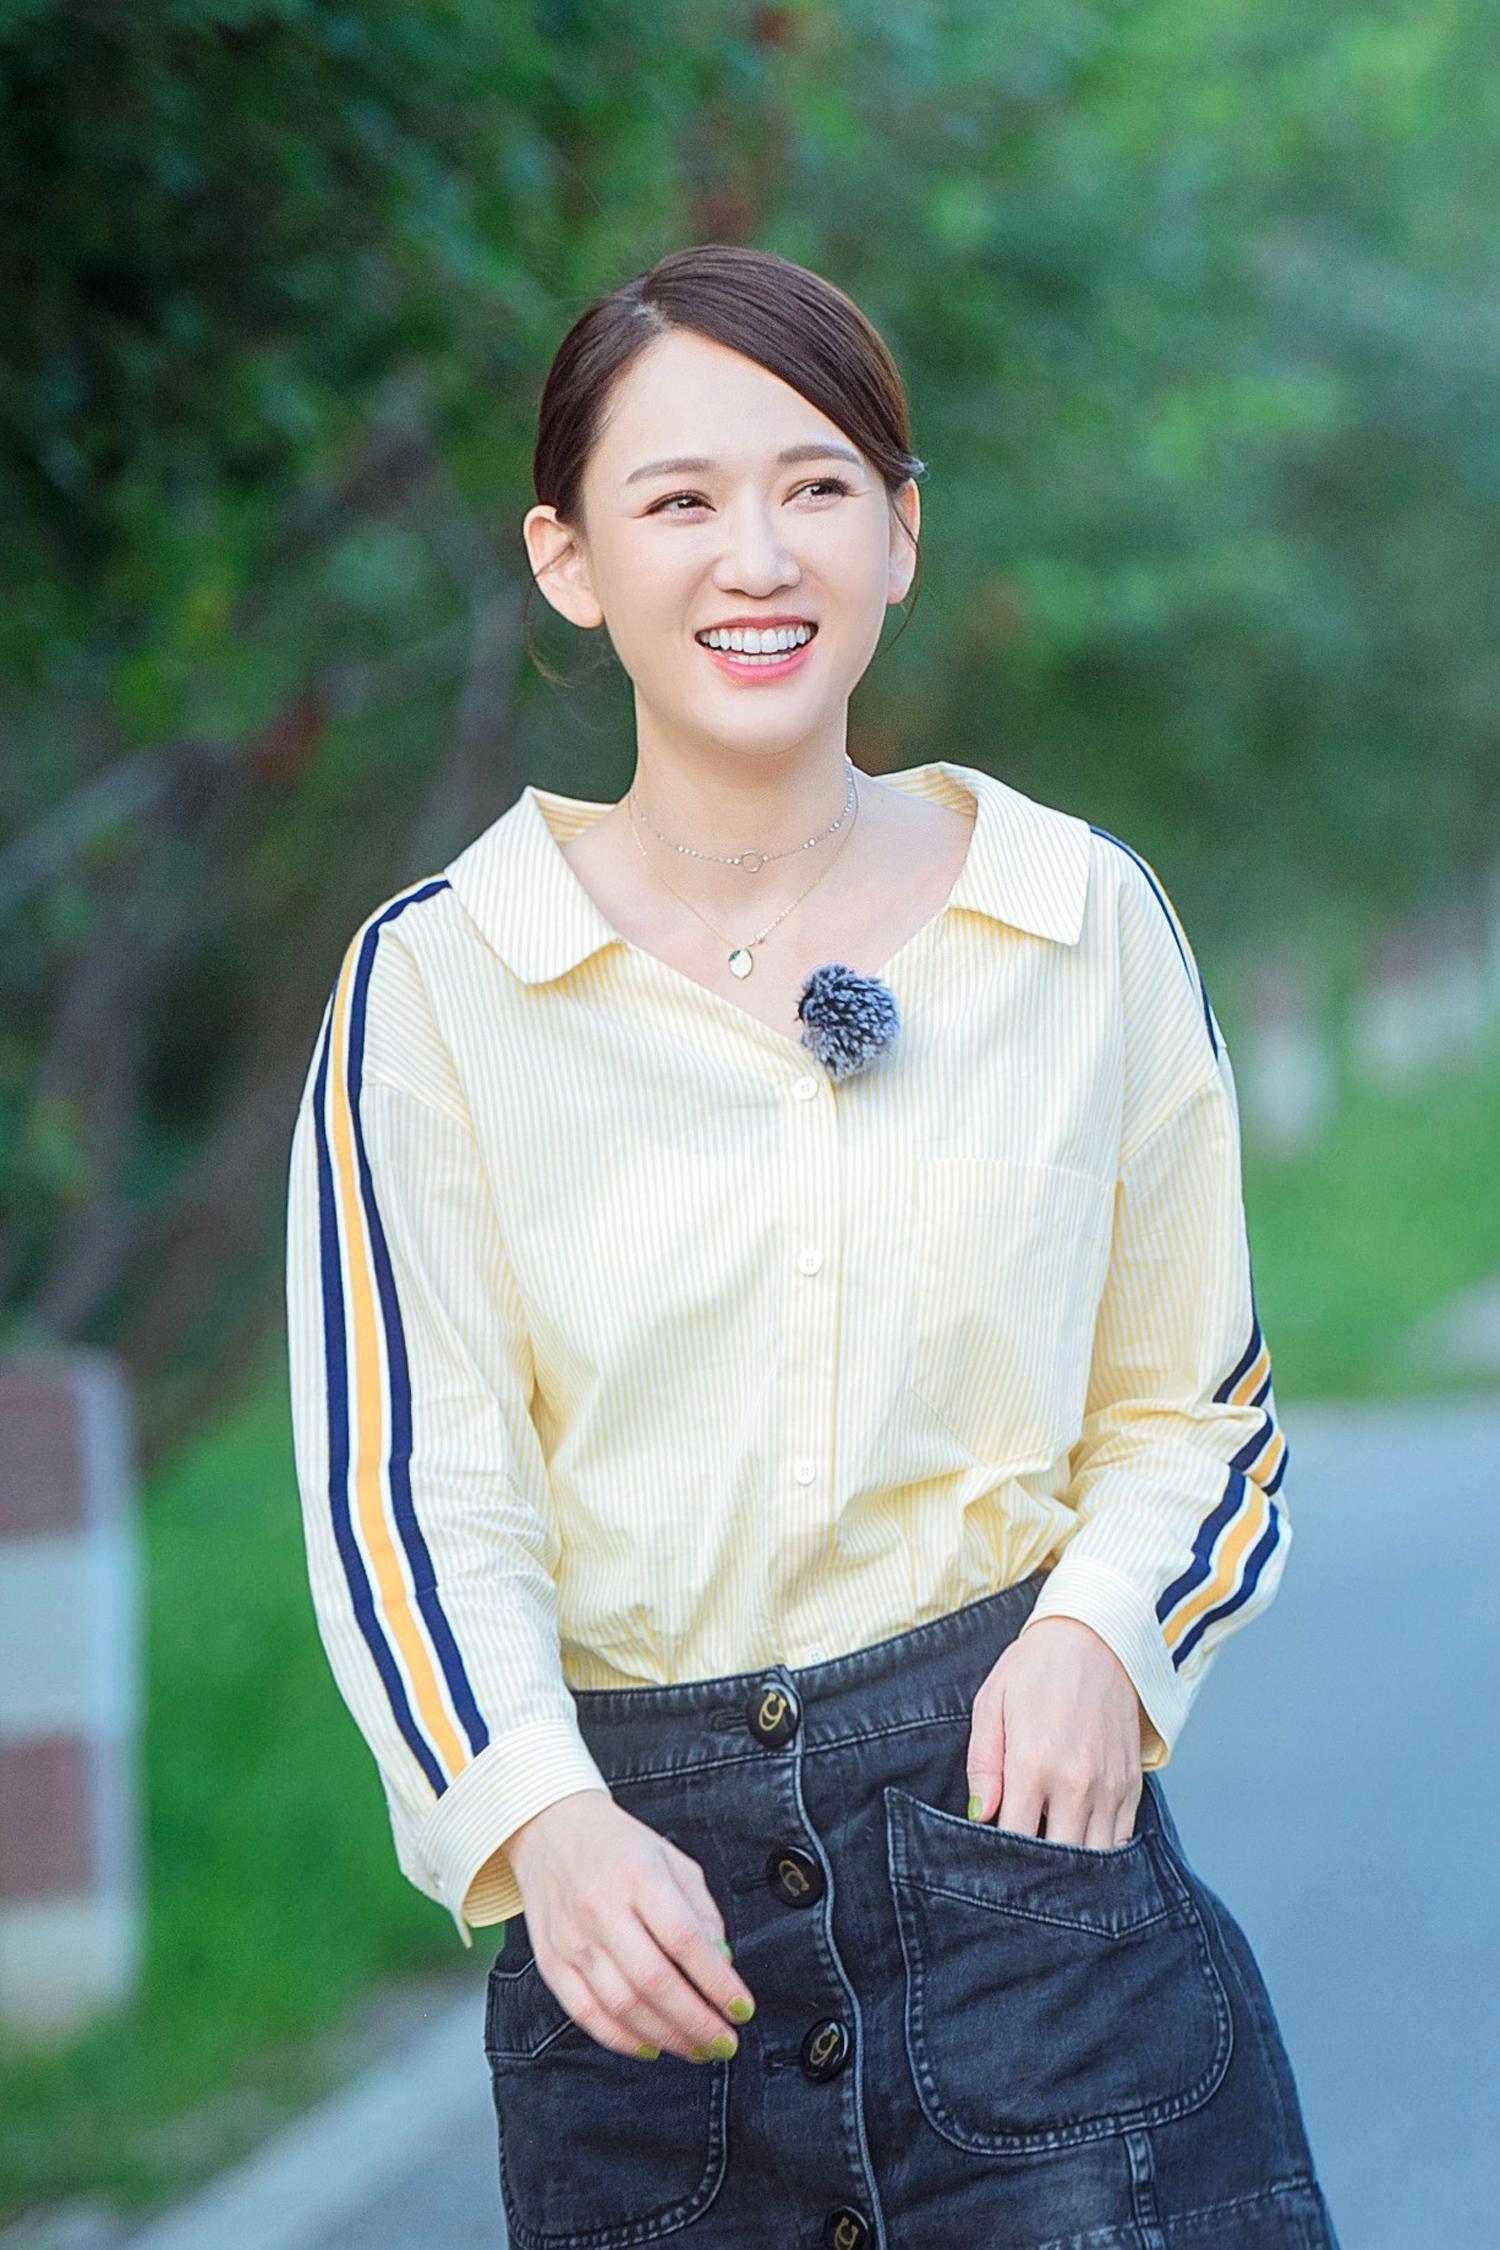 原创 陈乔恩节目中谈年龄,可她的颜值真的一如既往的高插图(3)